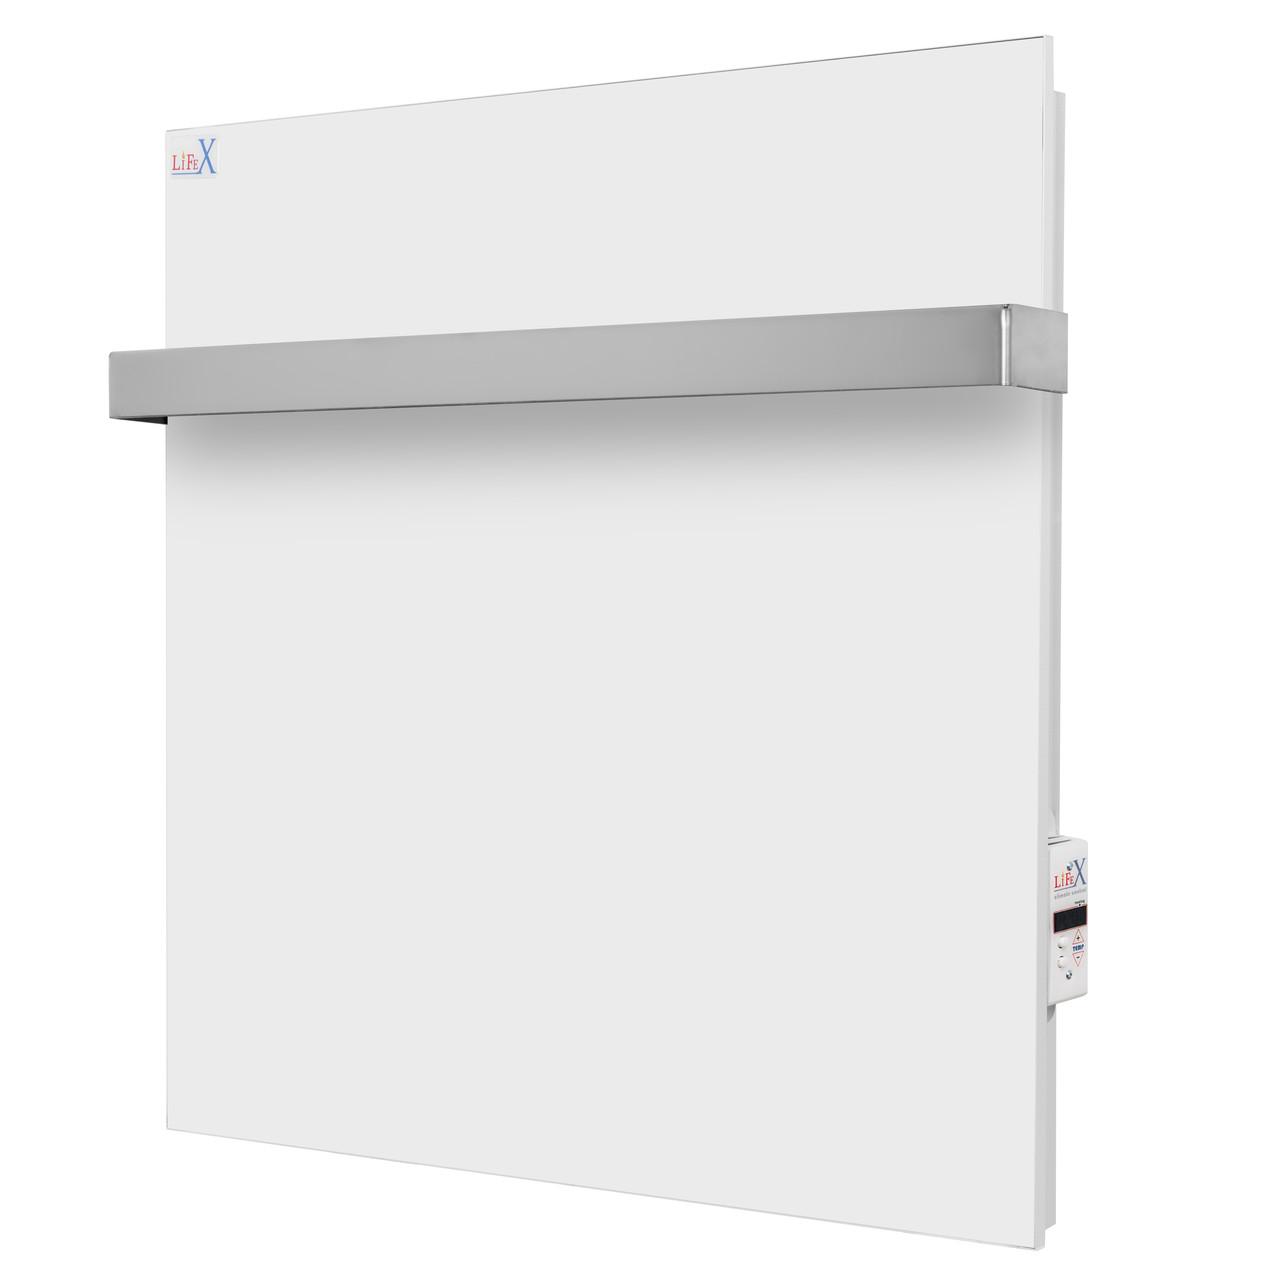 Керамический полотенцесушитель для ванной LifeX ПСК 400 белый (с программатором)